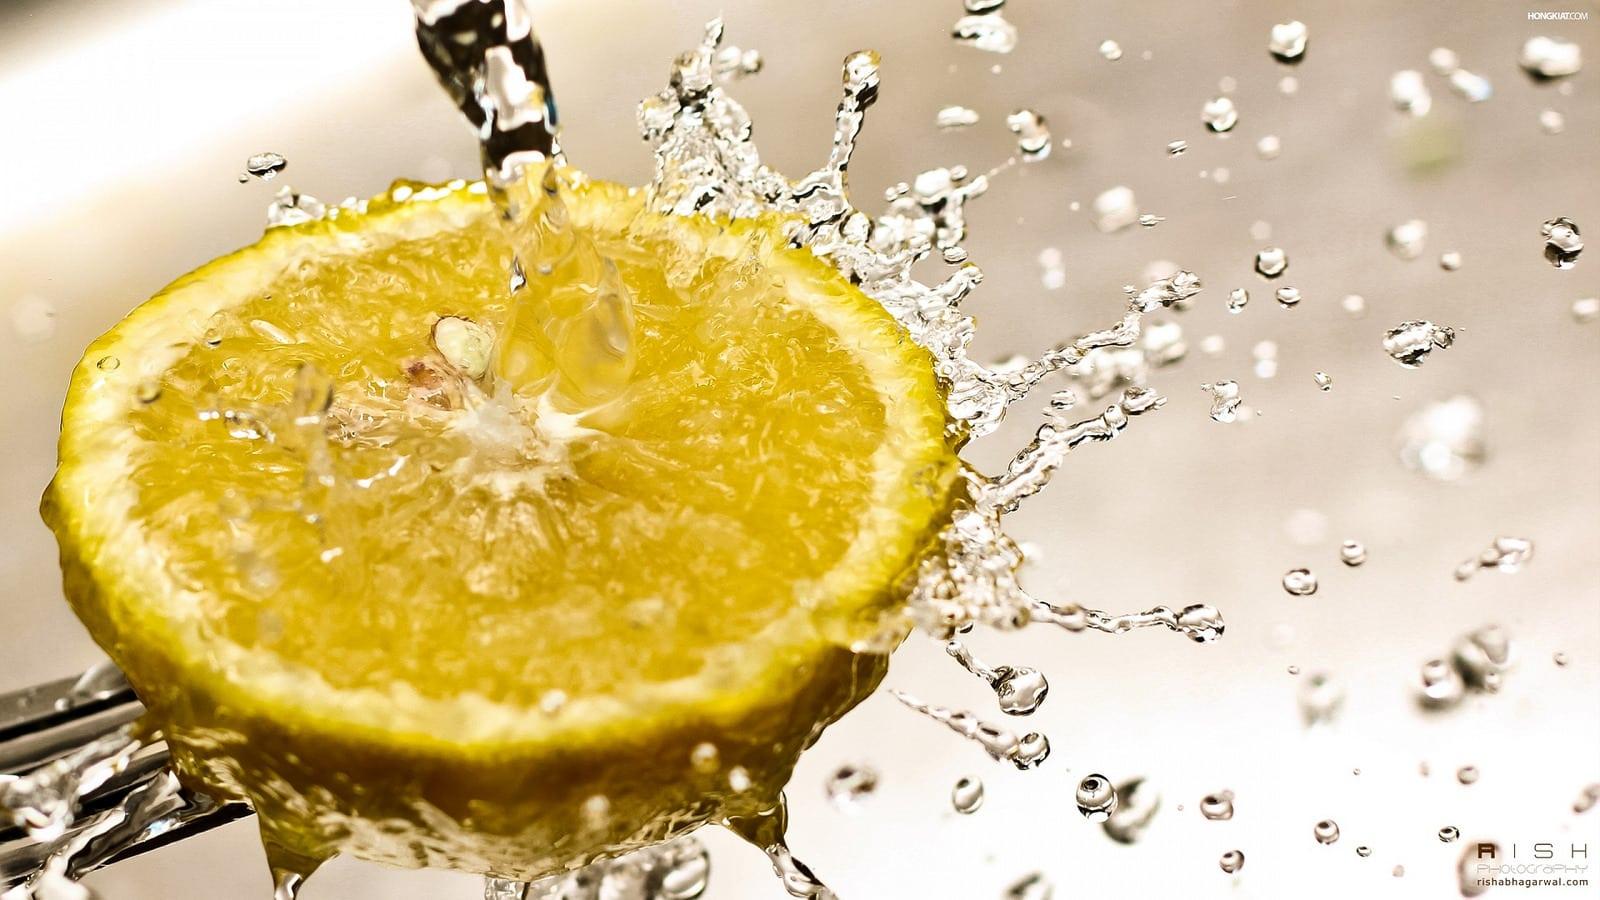 fotogarfía culinaria de un limón